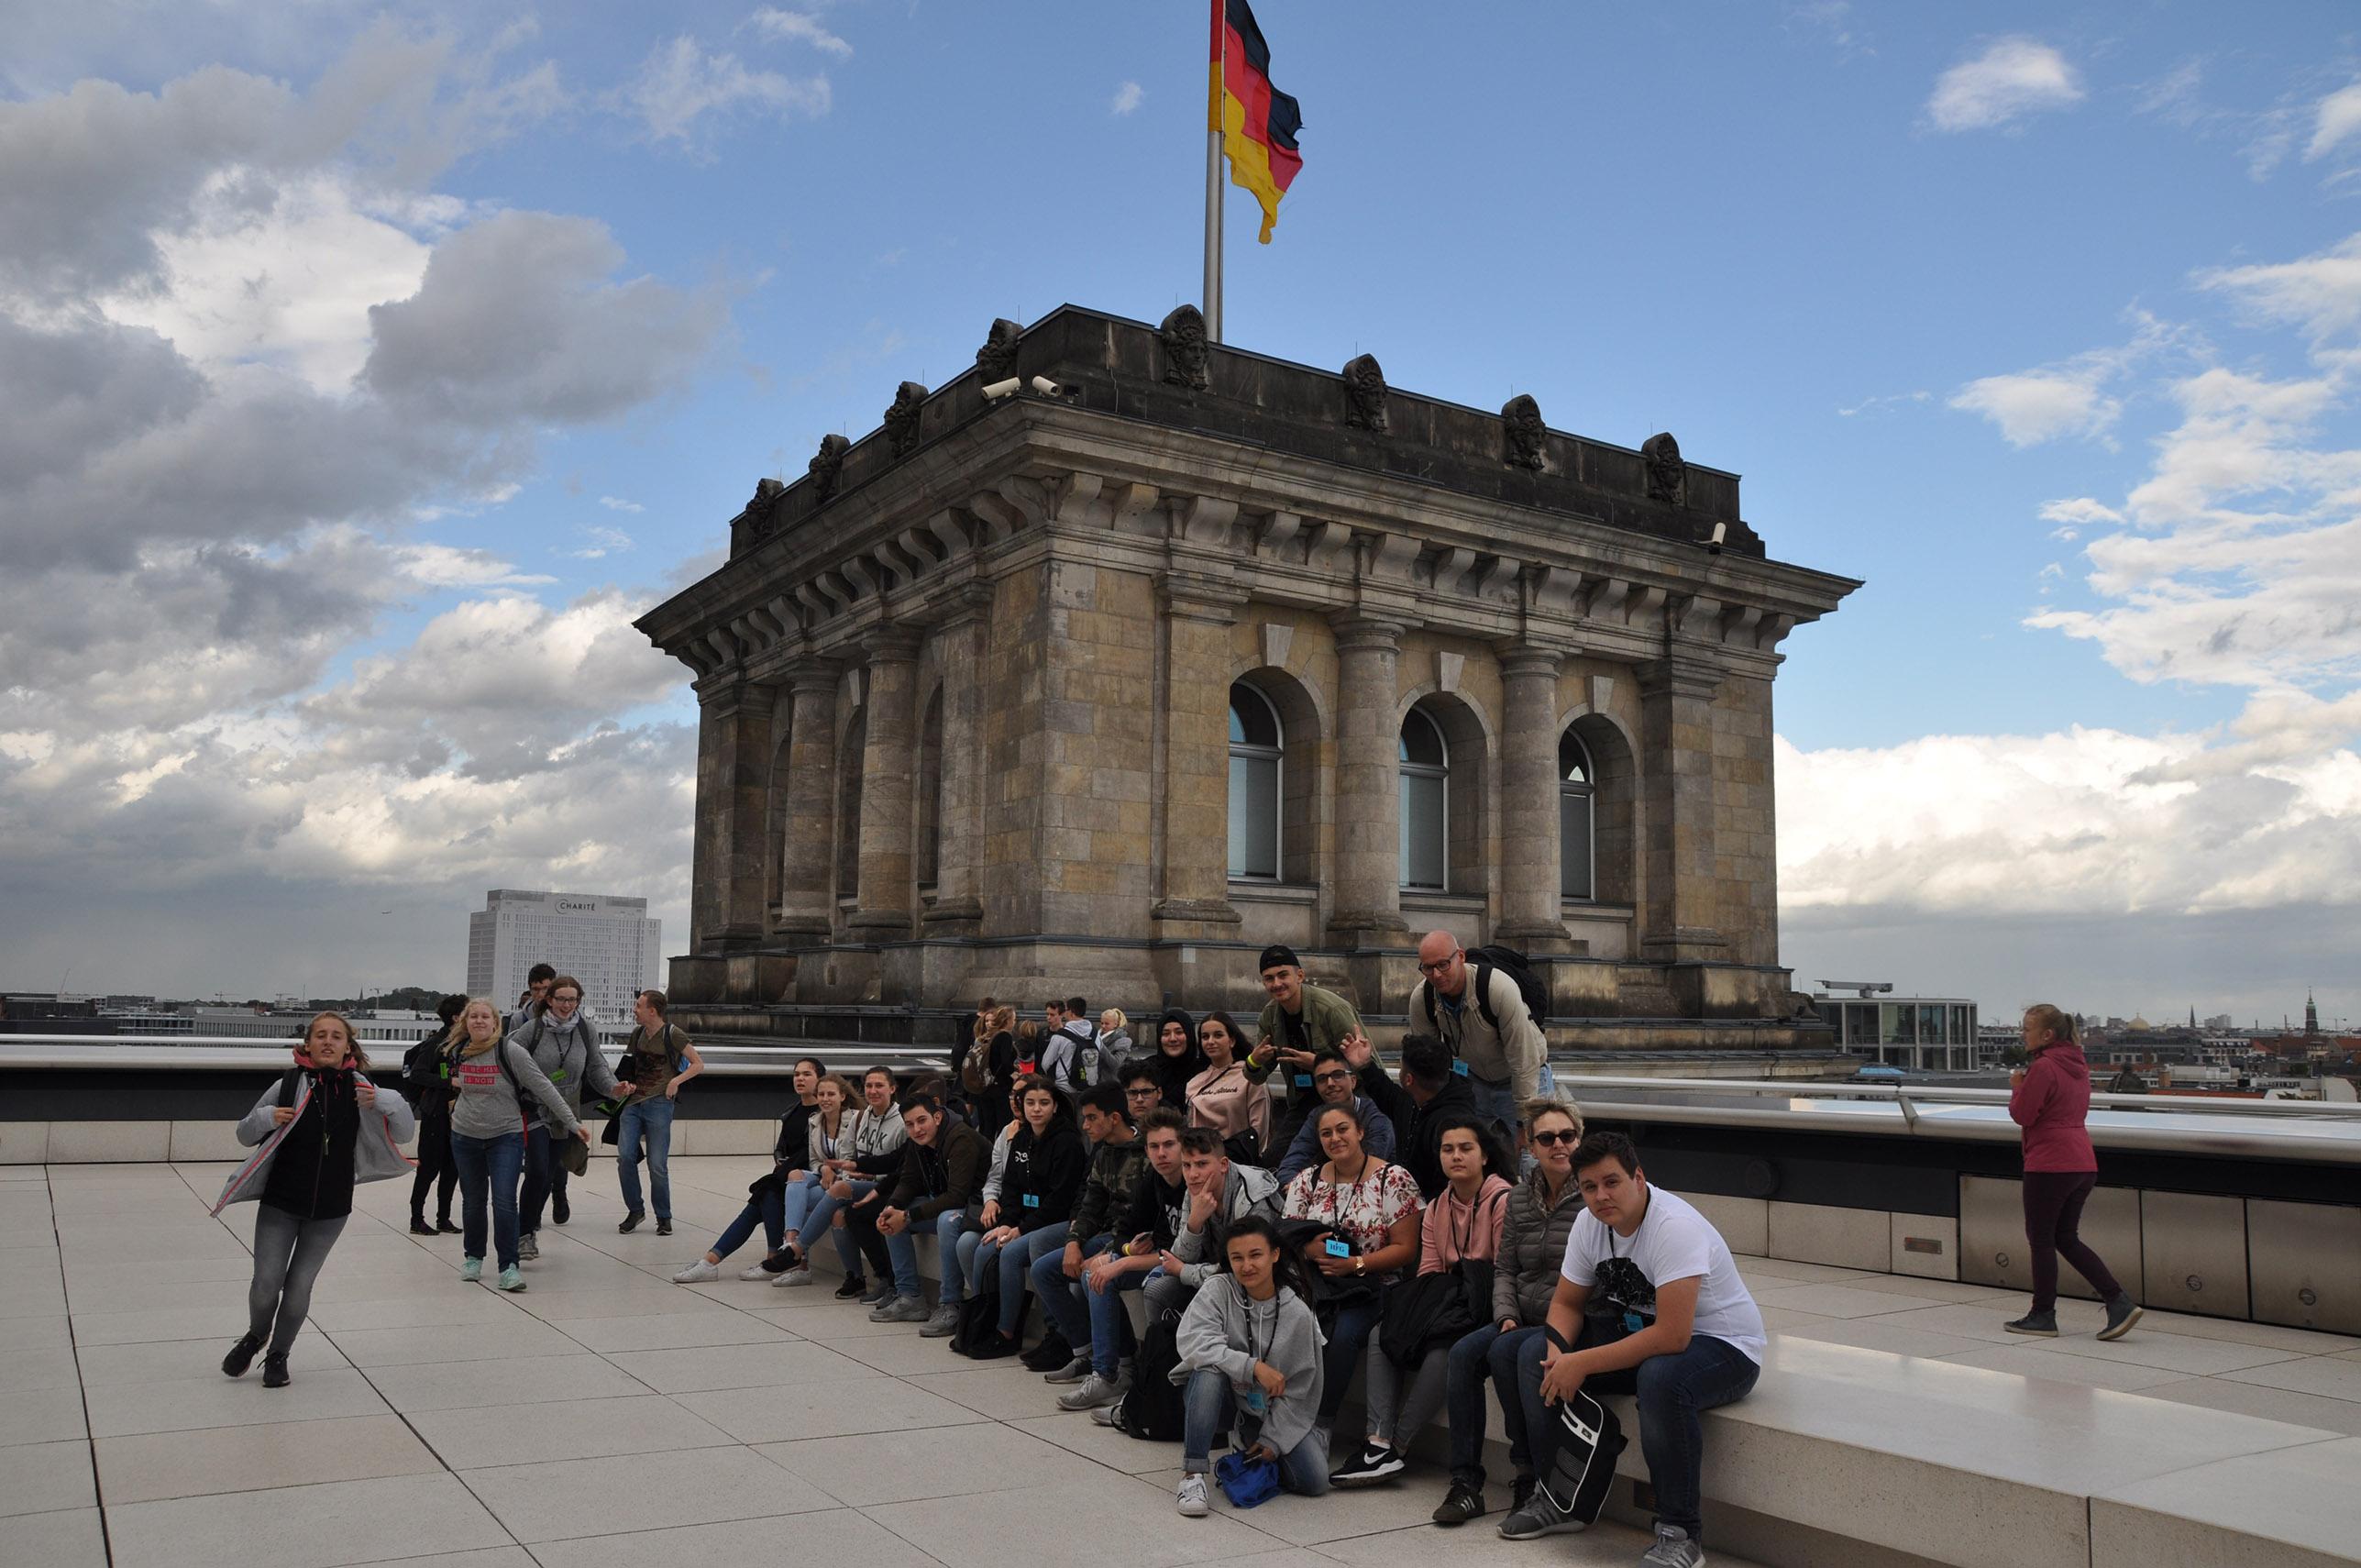 Berlin, Berlin, wir fahren nach Berlin!